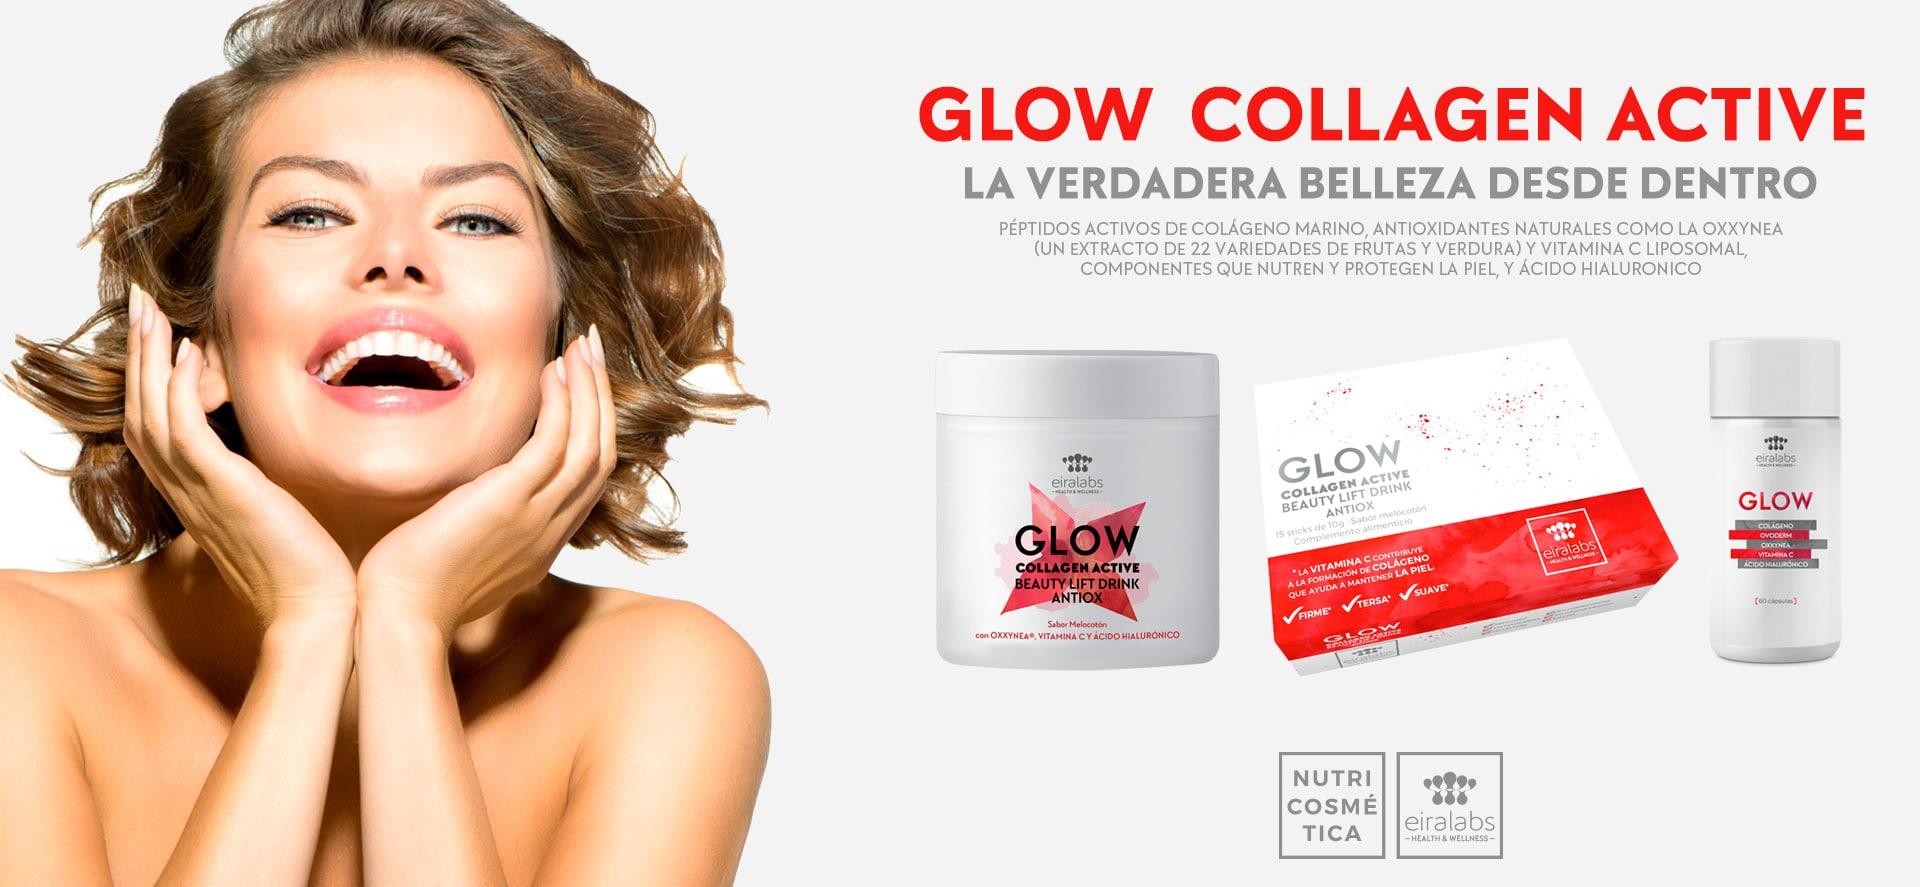 glow-collagen-2020-eiralabs